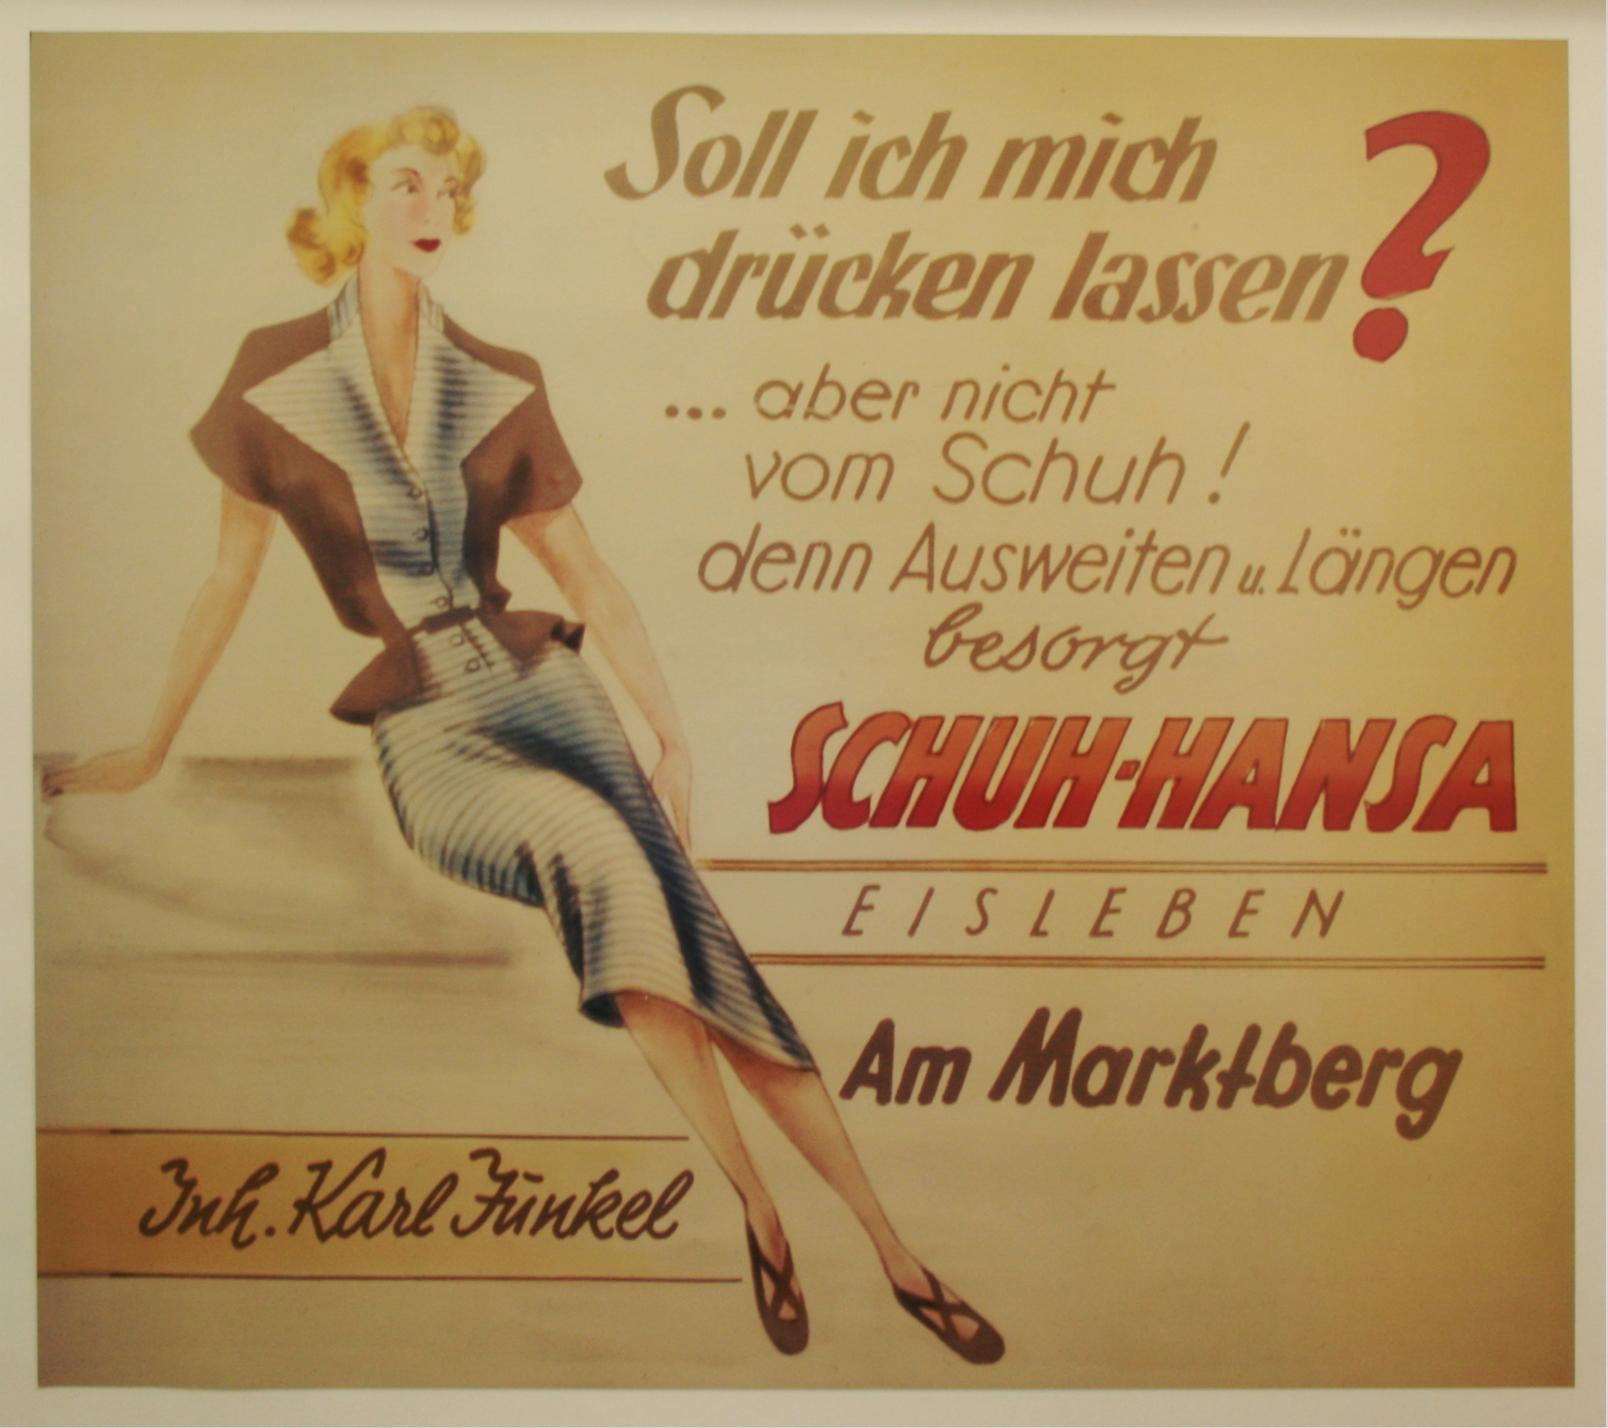 Historische Werbung